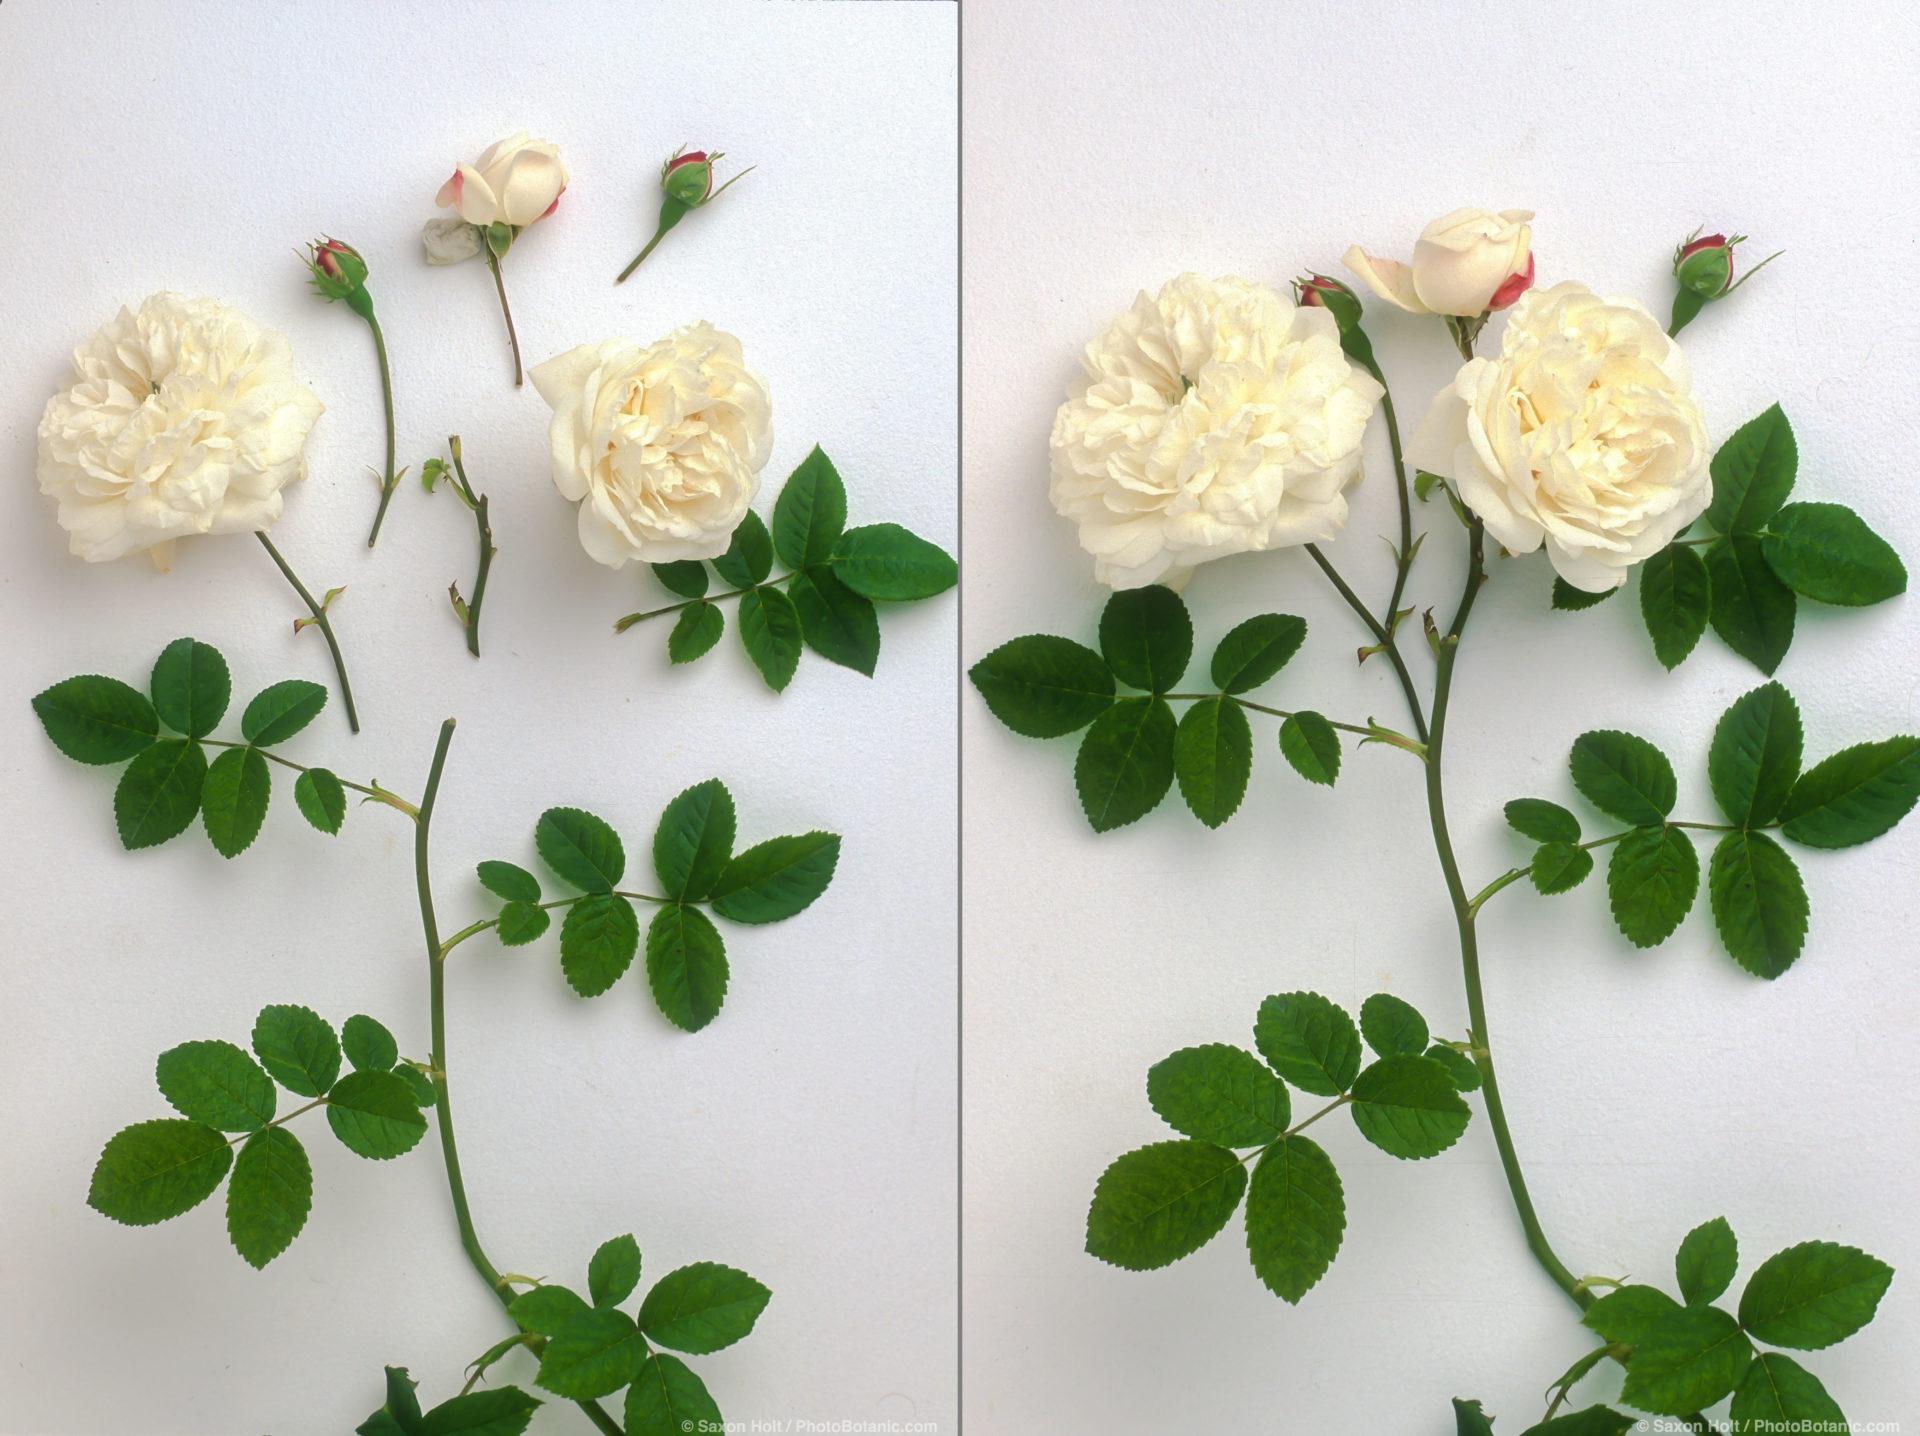 Exploded view of PhotoBotanic illustration of white rose 'Madame Plantier' on white background